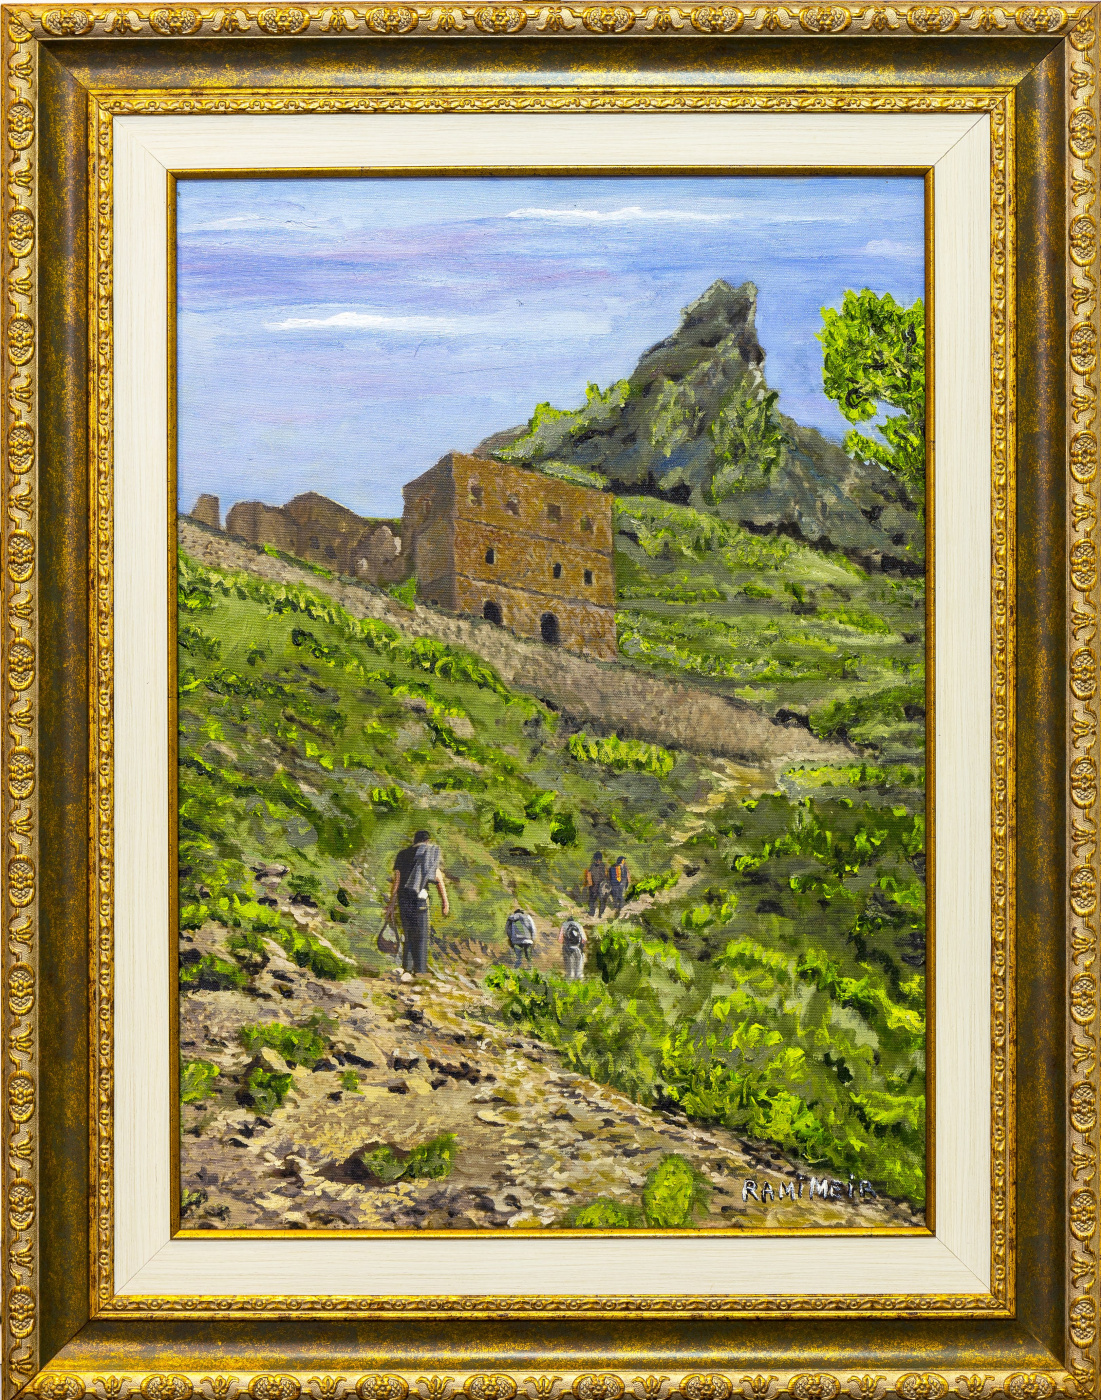 Rami Meir. North Caucasus